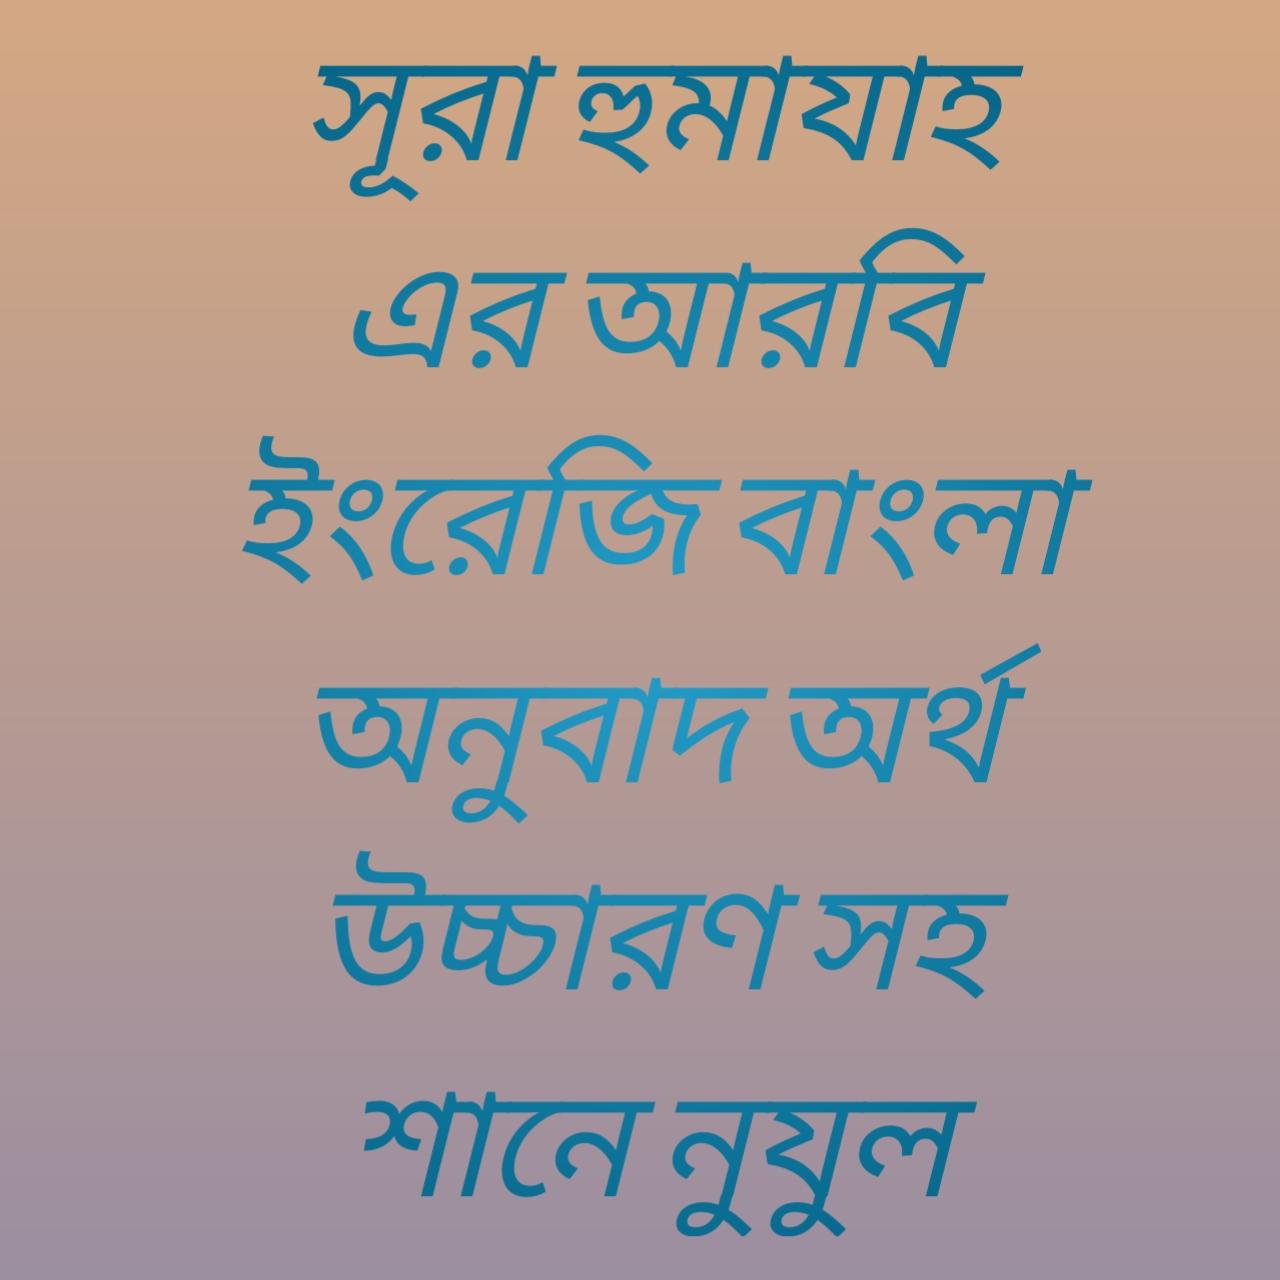 সূরা হুমাযাহ এর আরবি ইংরেজি বাংলা অনুবাদ অর্থ উচ্চারণ সহ শানে নুযুল Surah Humahah's Arabic English Bangla translation meaning with the pronunciation of the nun |